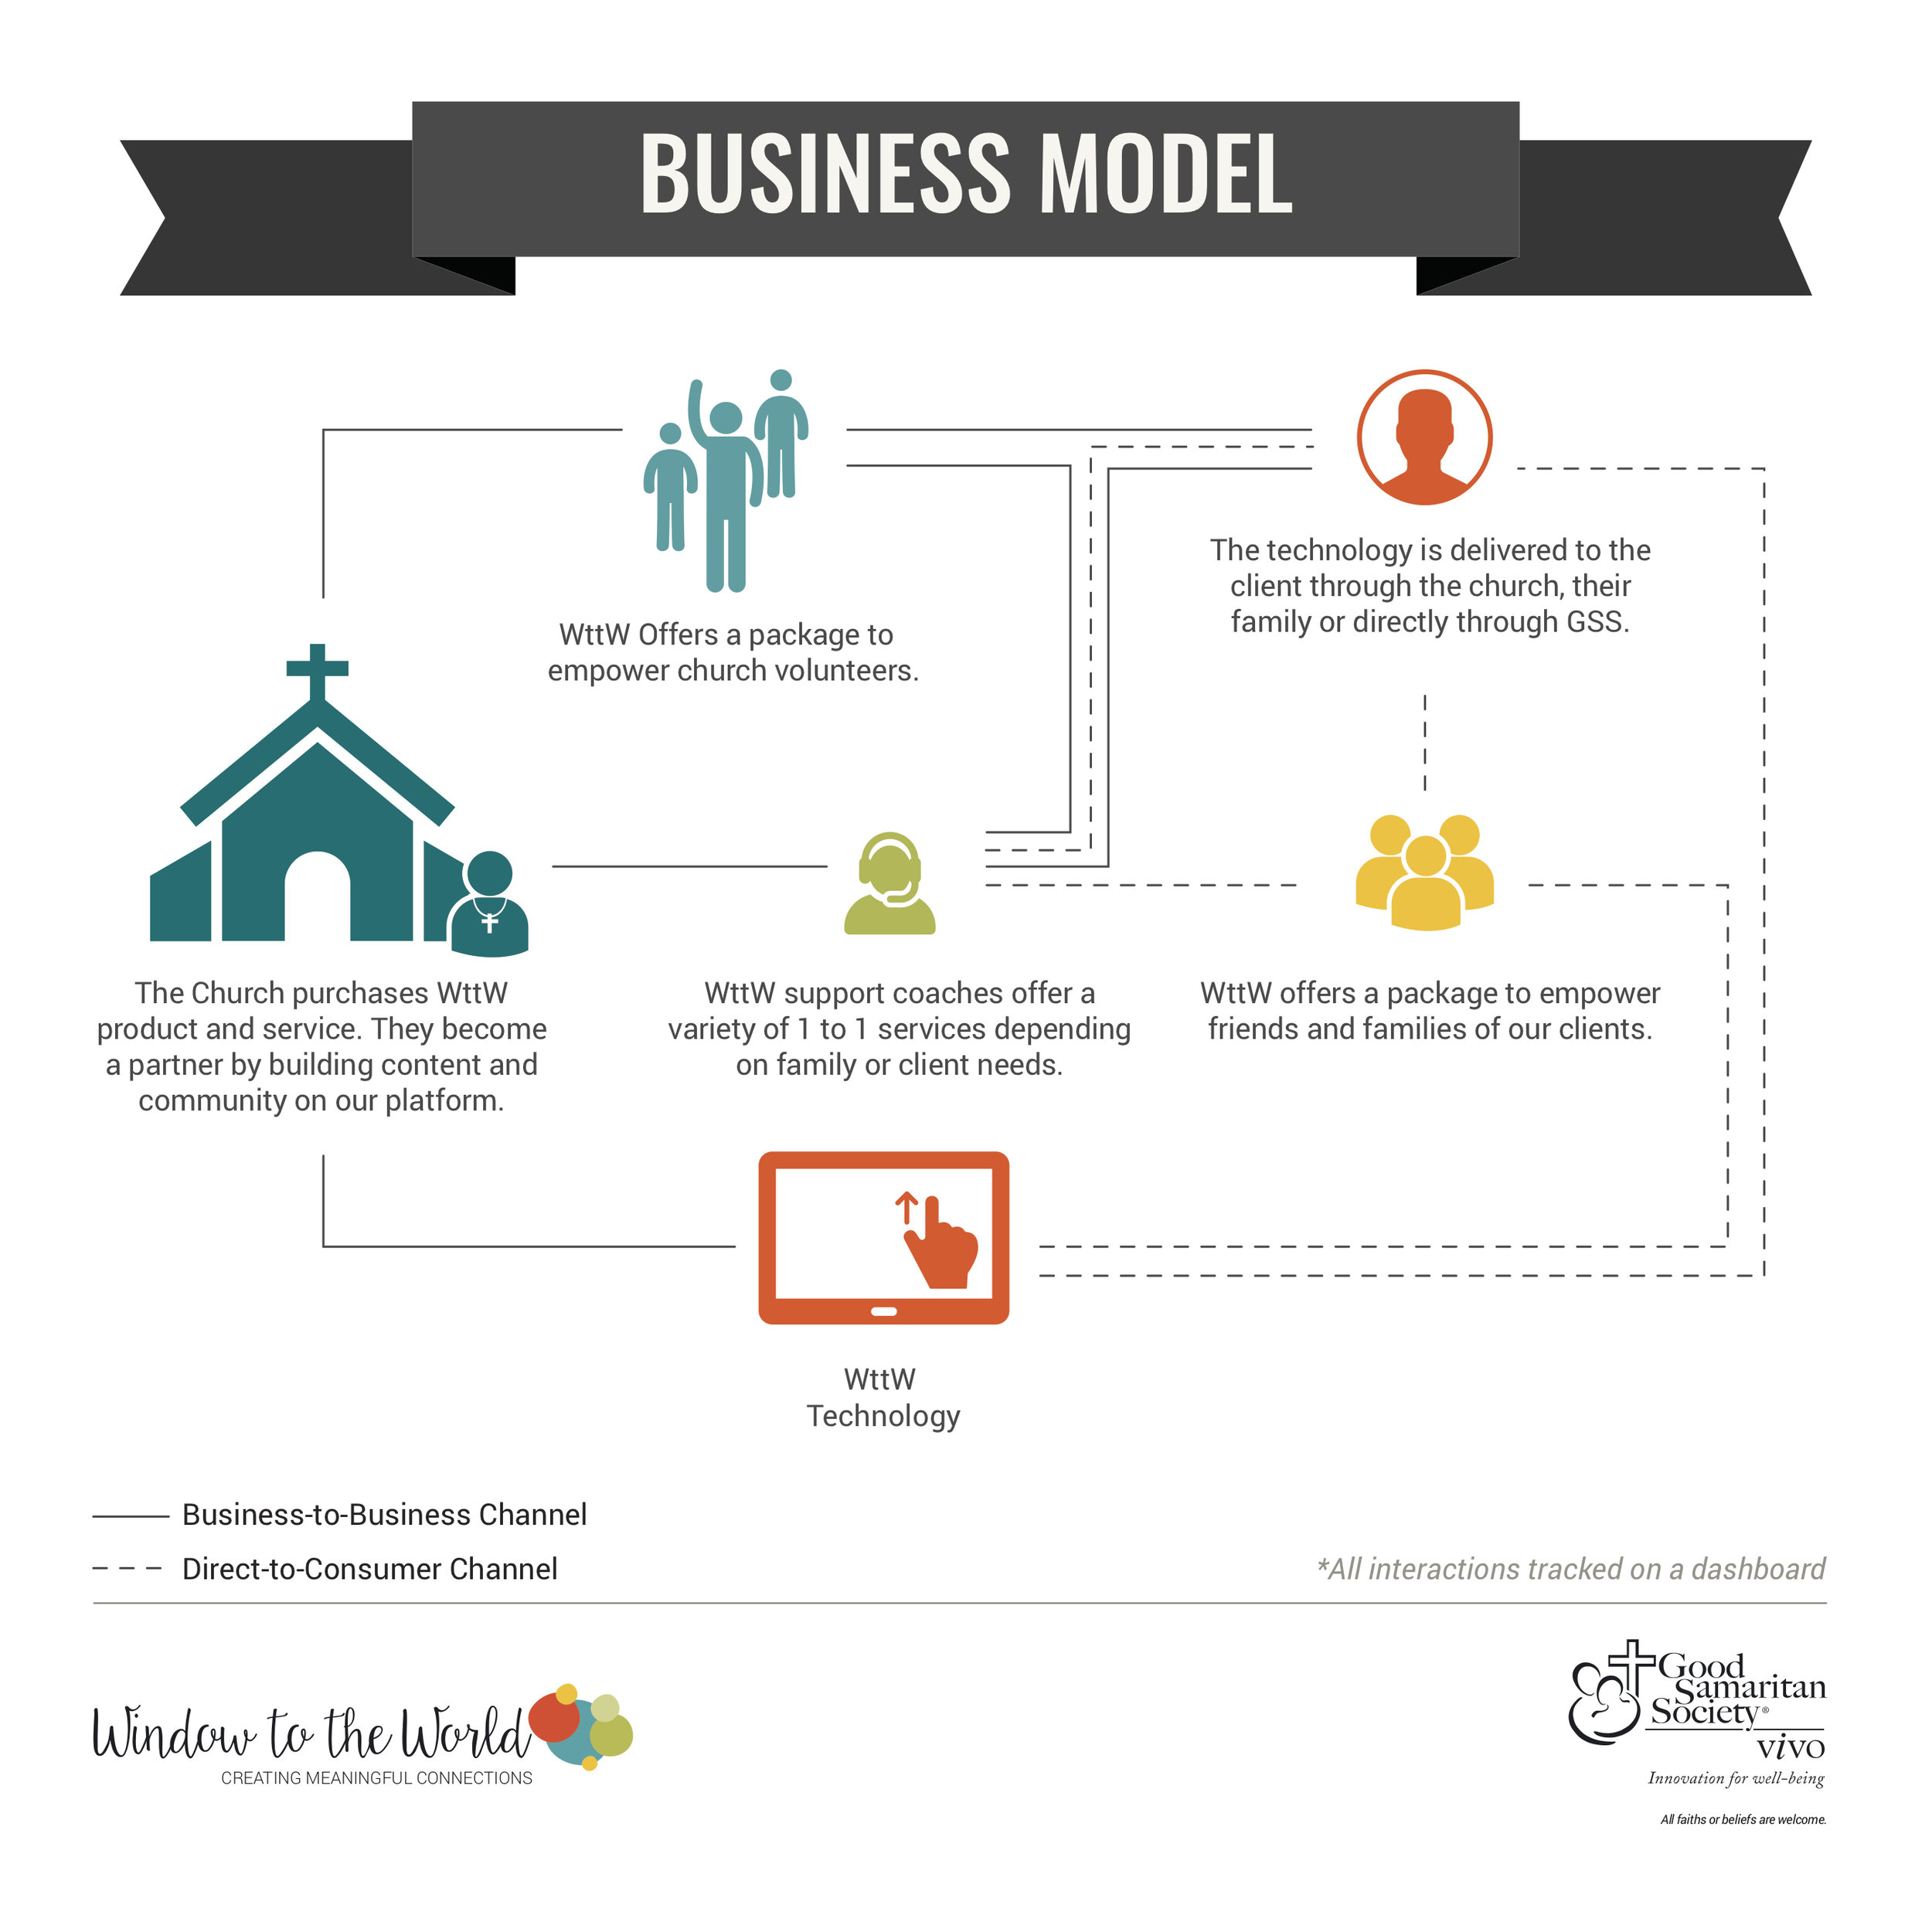 Vivo_WttW_Business-Model.jpg